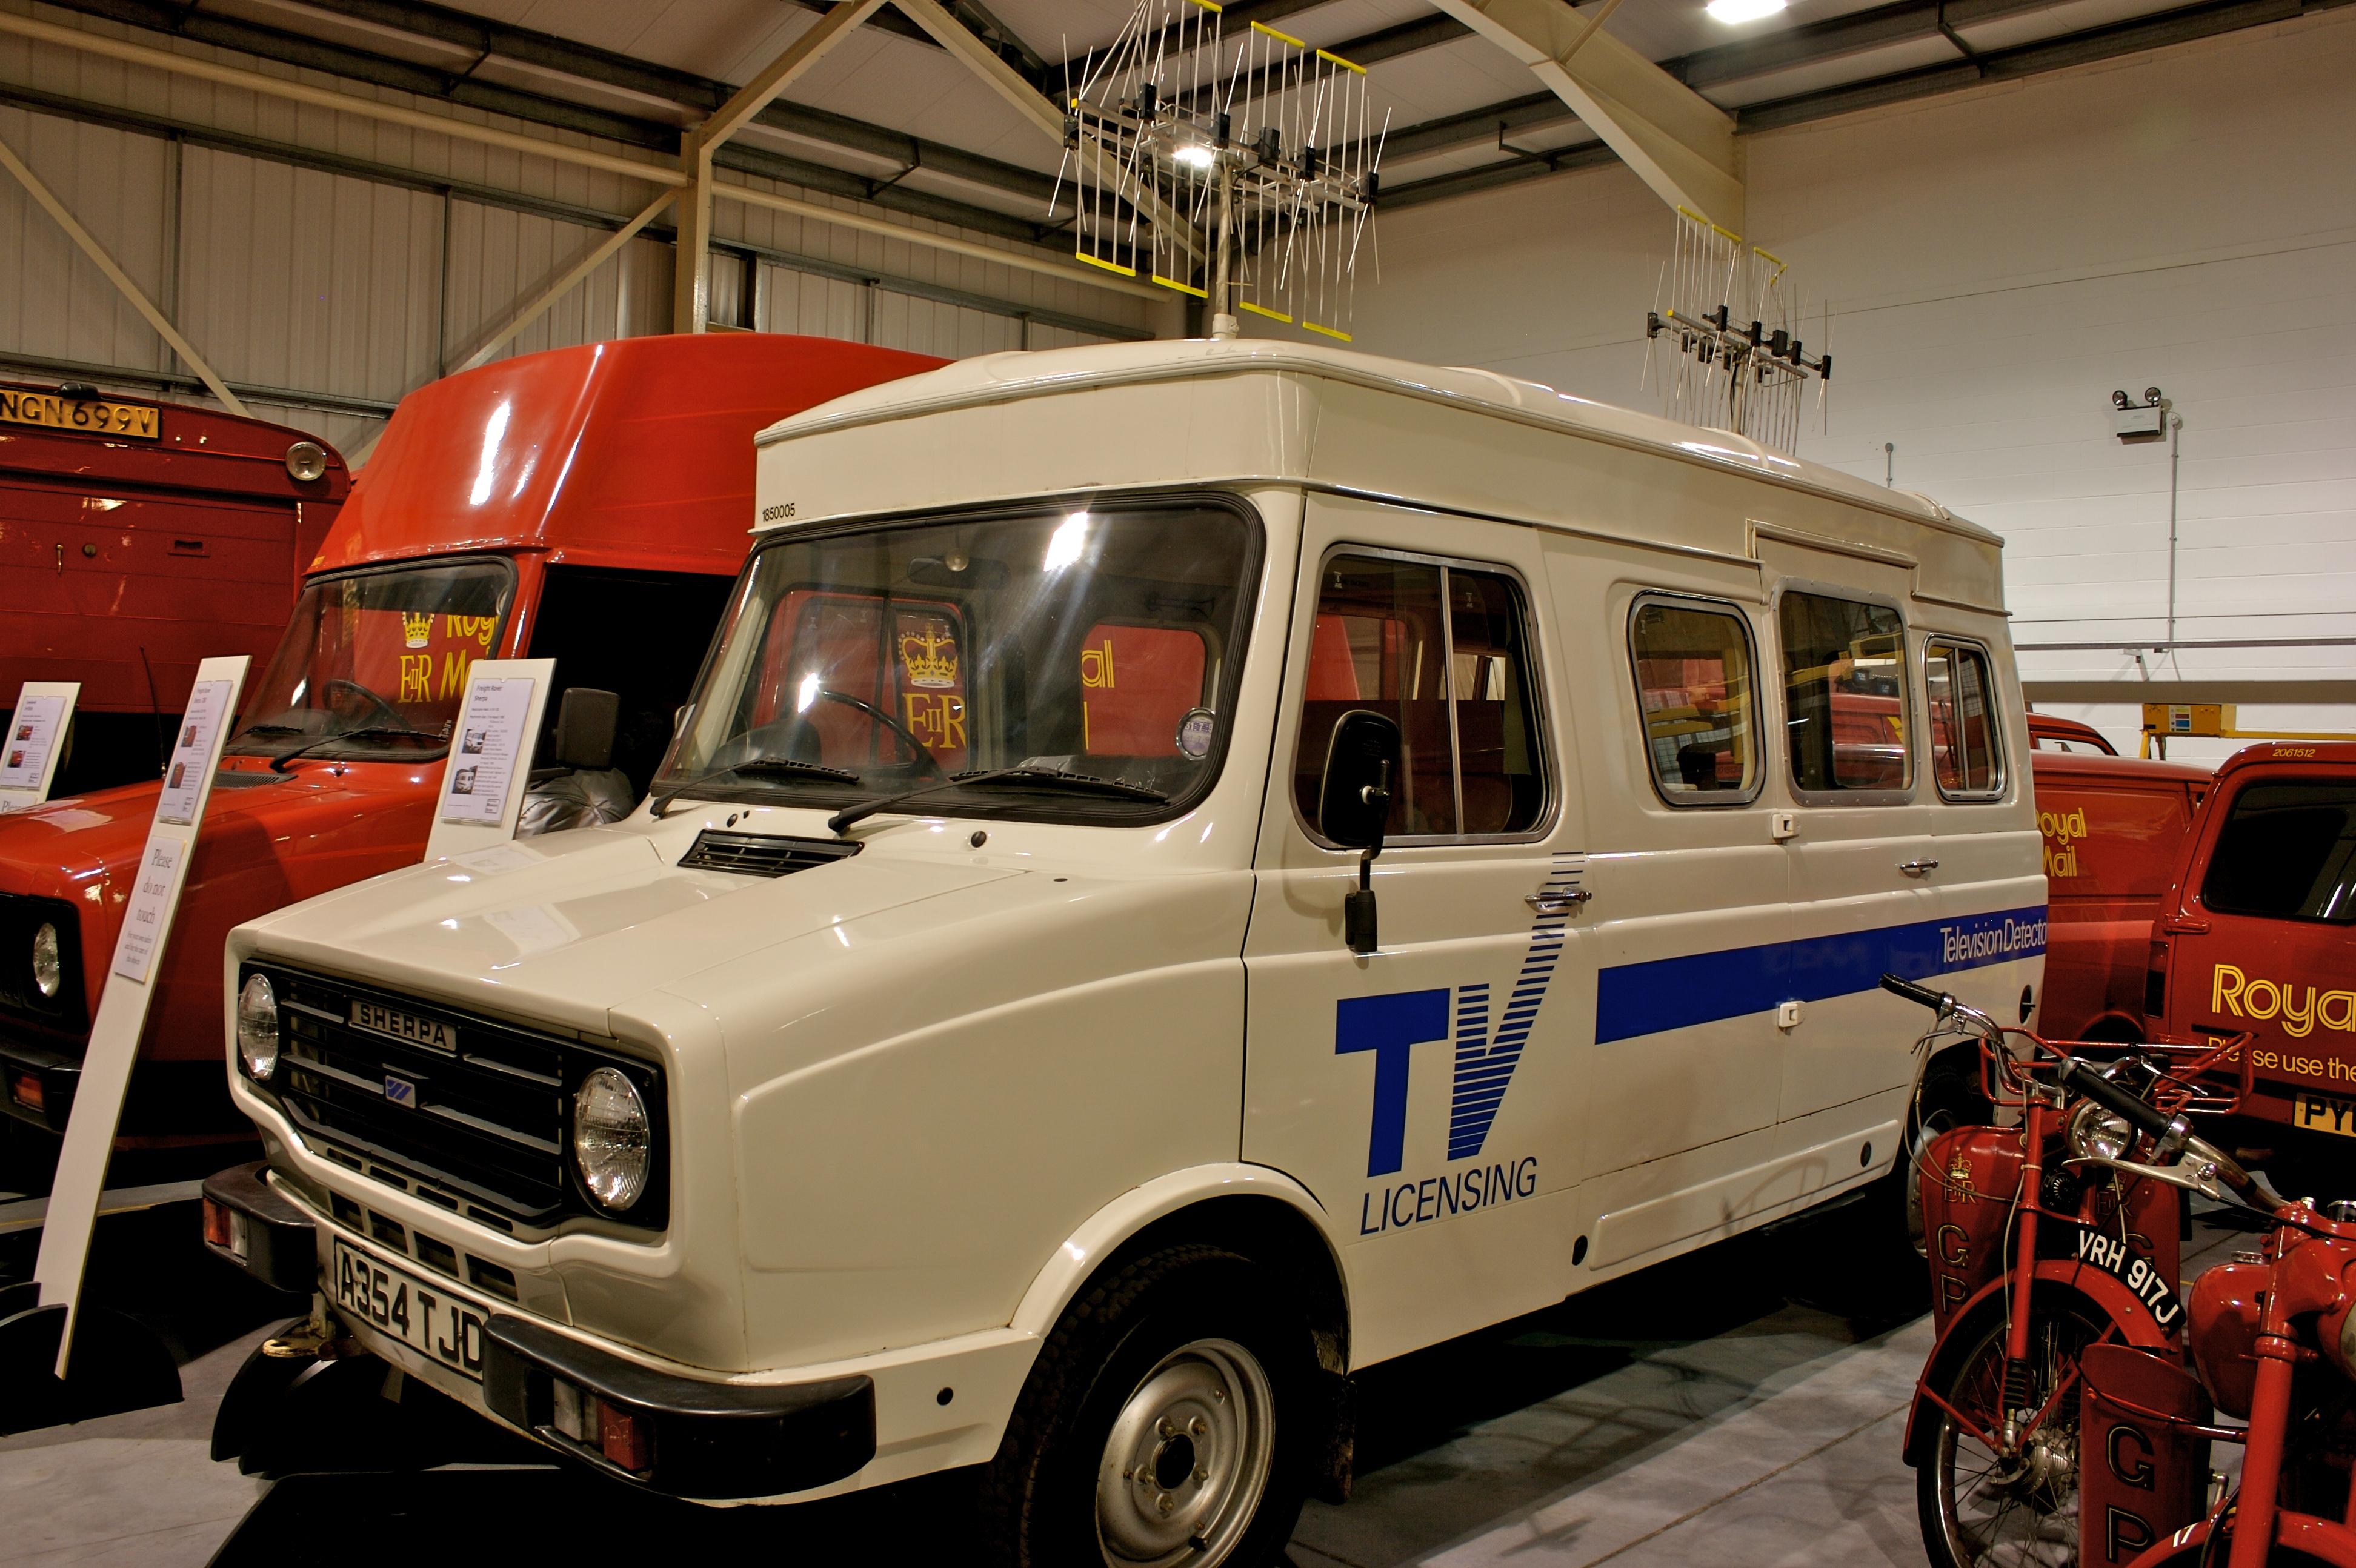 En eldre versjon av bilene som om få måneder sendes ut for å sniffe på folks WiFi trafikk.